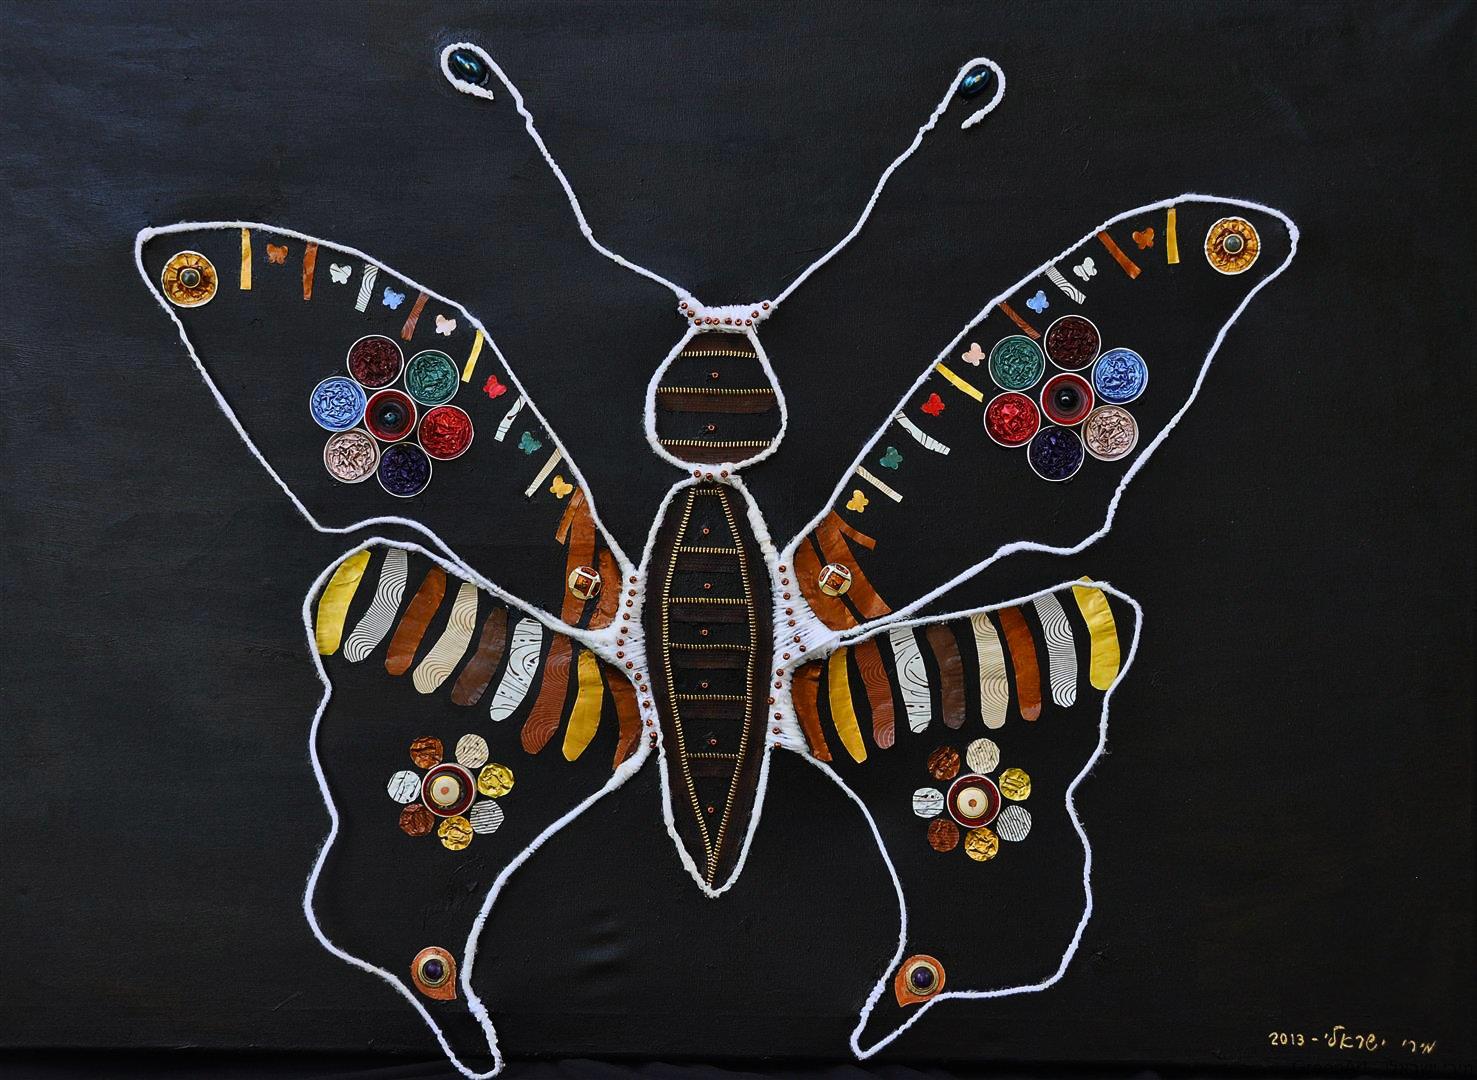 הפרפר הנעלם- יצירה להאיר את בעיית הכחדותם של הפרפים מארצינו